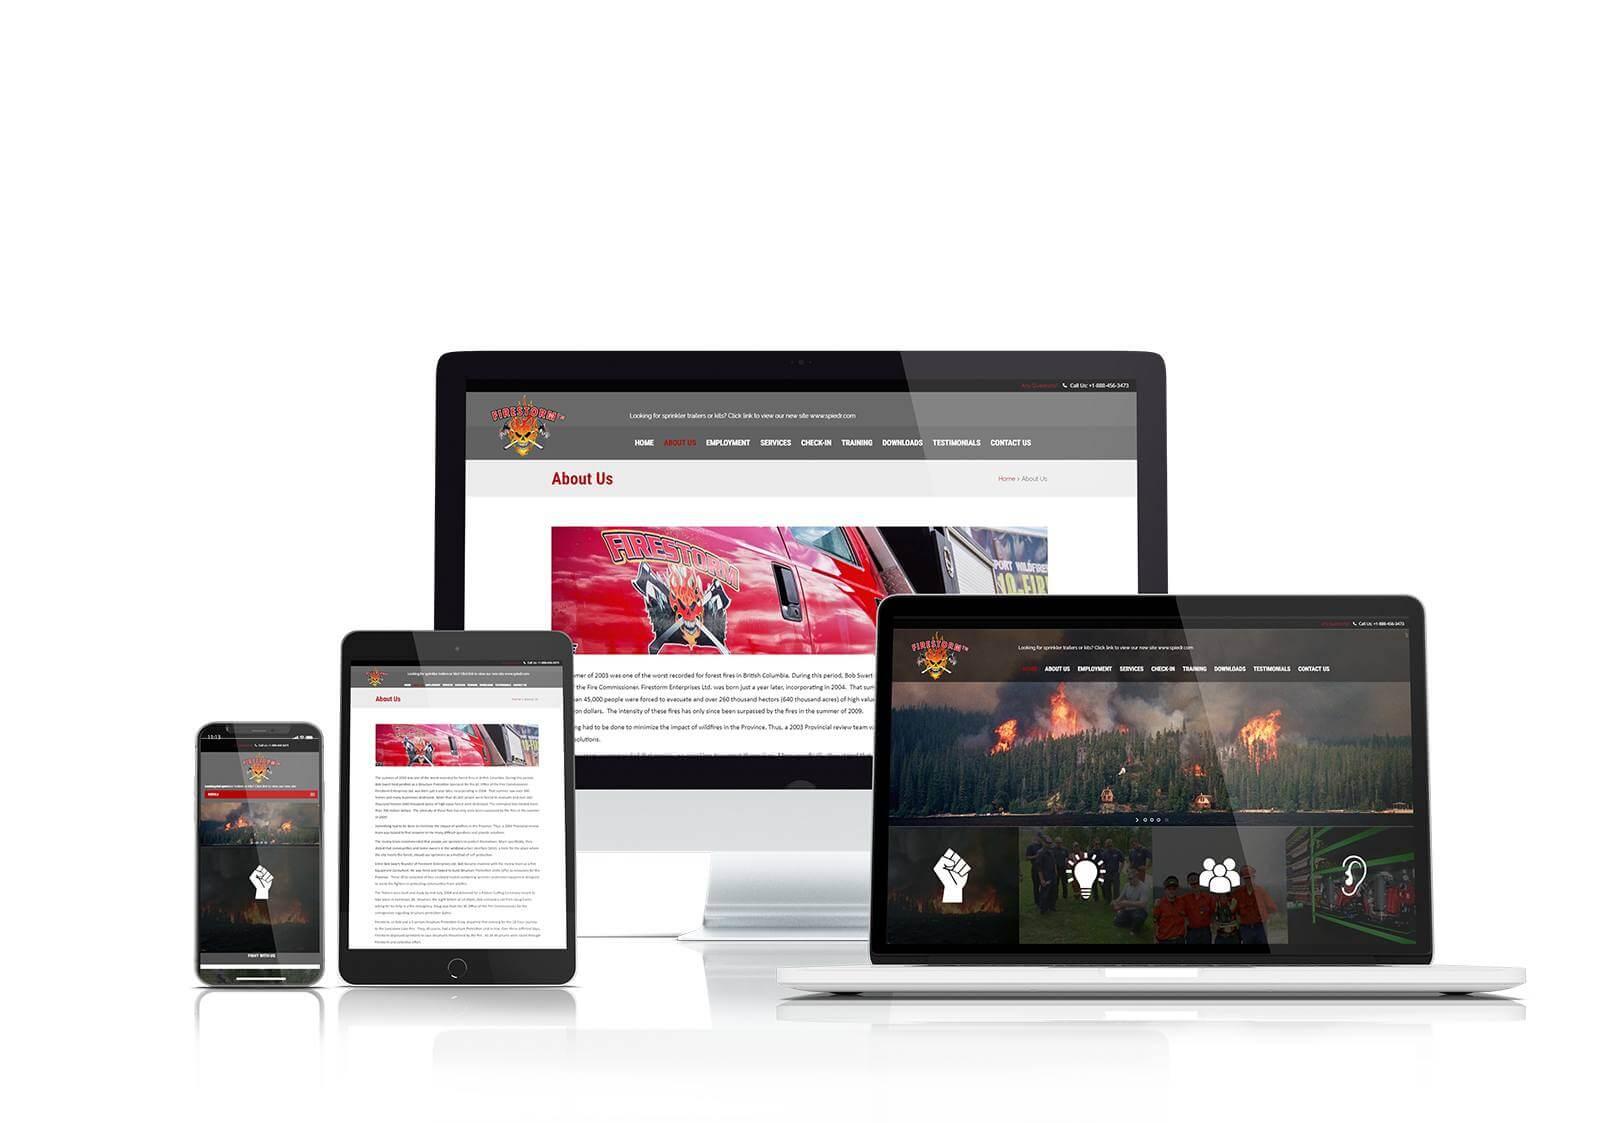 Firestorm responsive website design